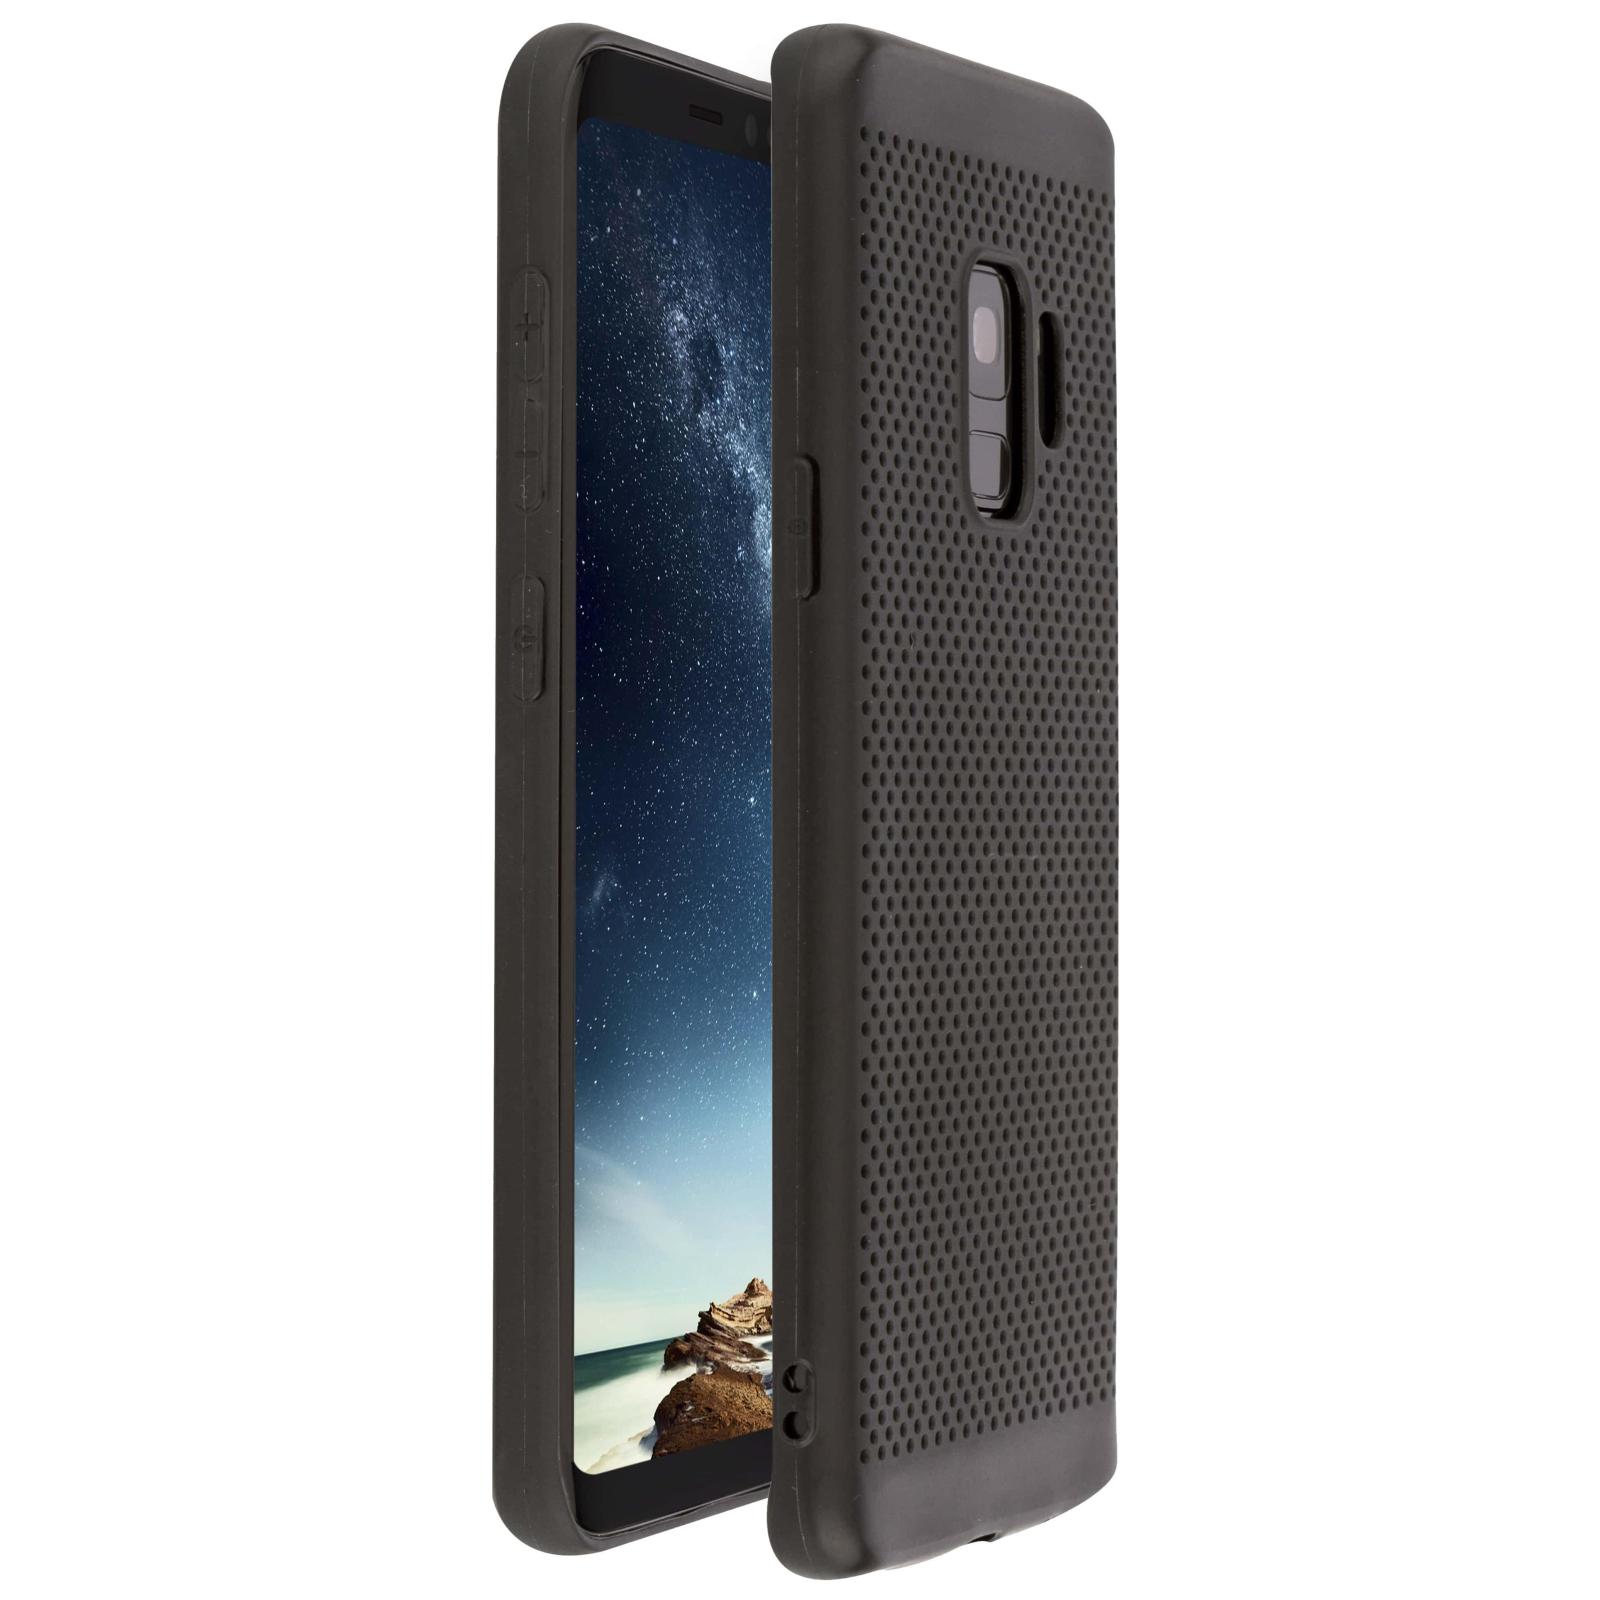 Чехол для моб. телефона MakeFuture Moon Case (TPU) для Samsung S9 Black (MCM-SS9BK) изображение 2